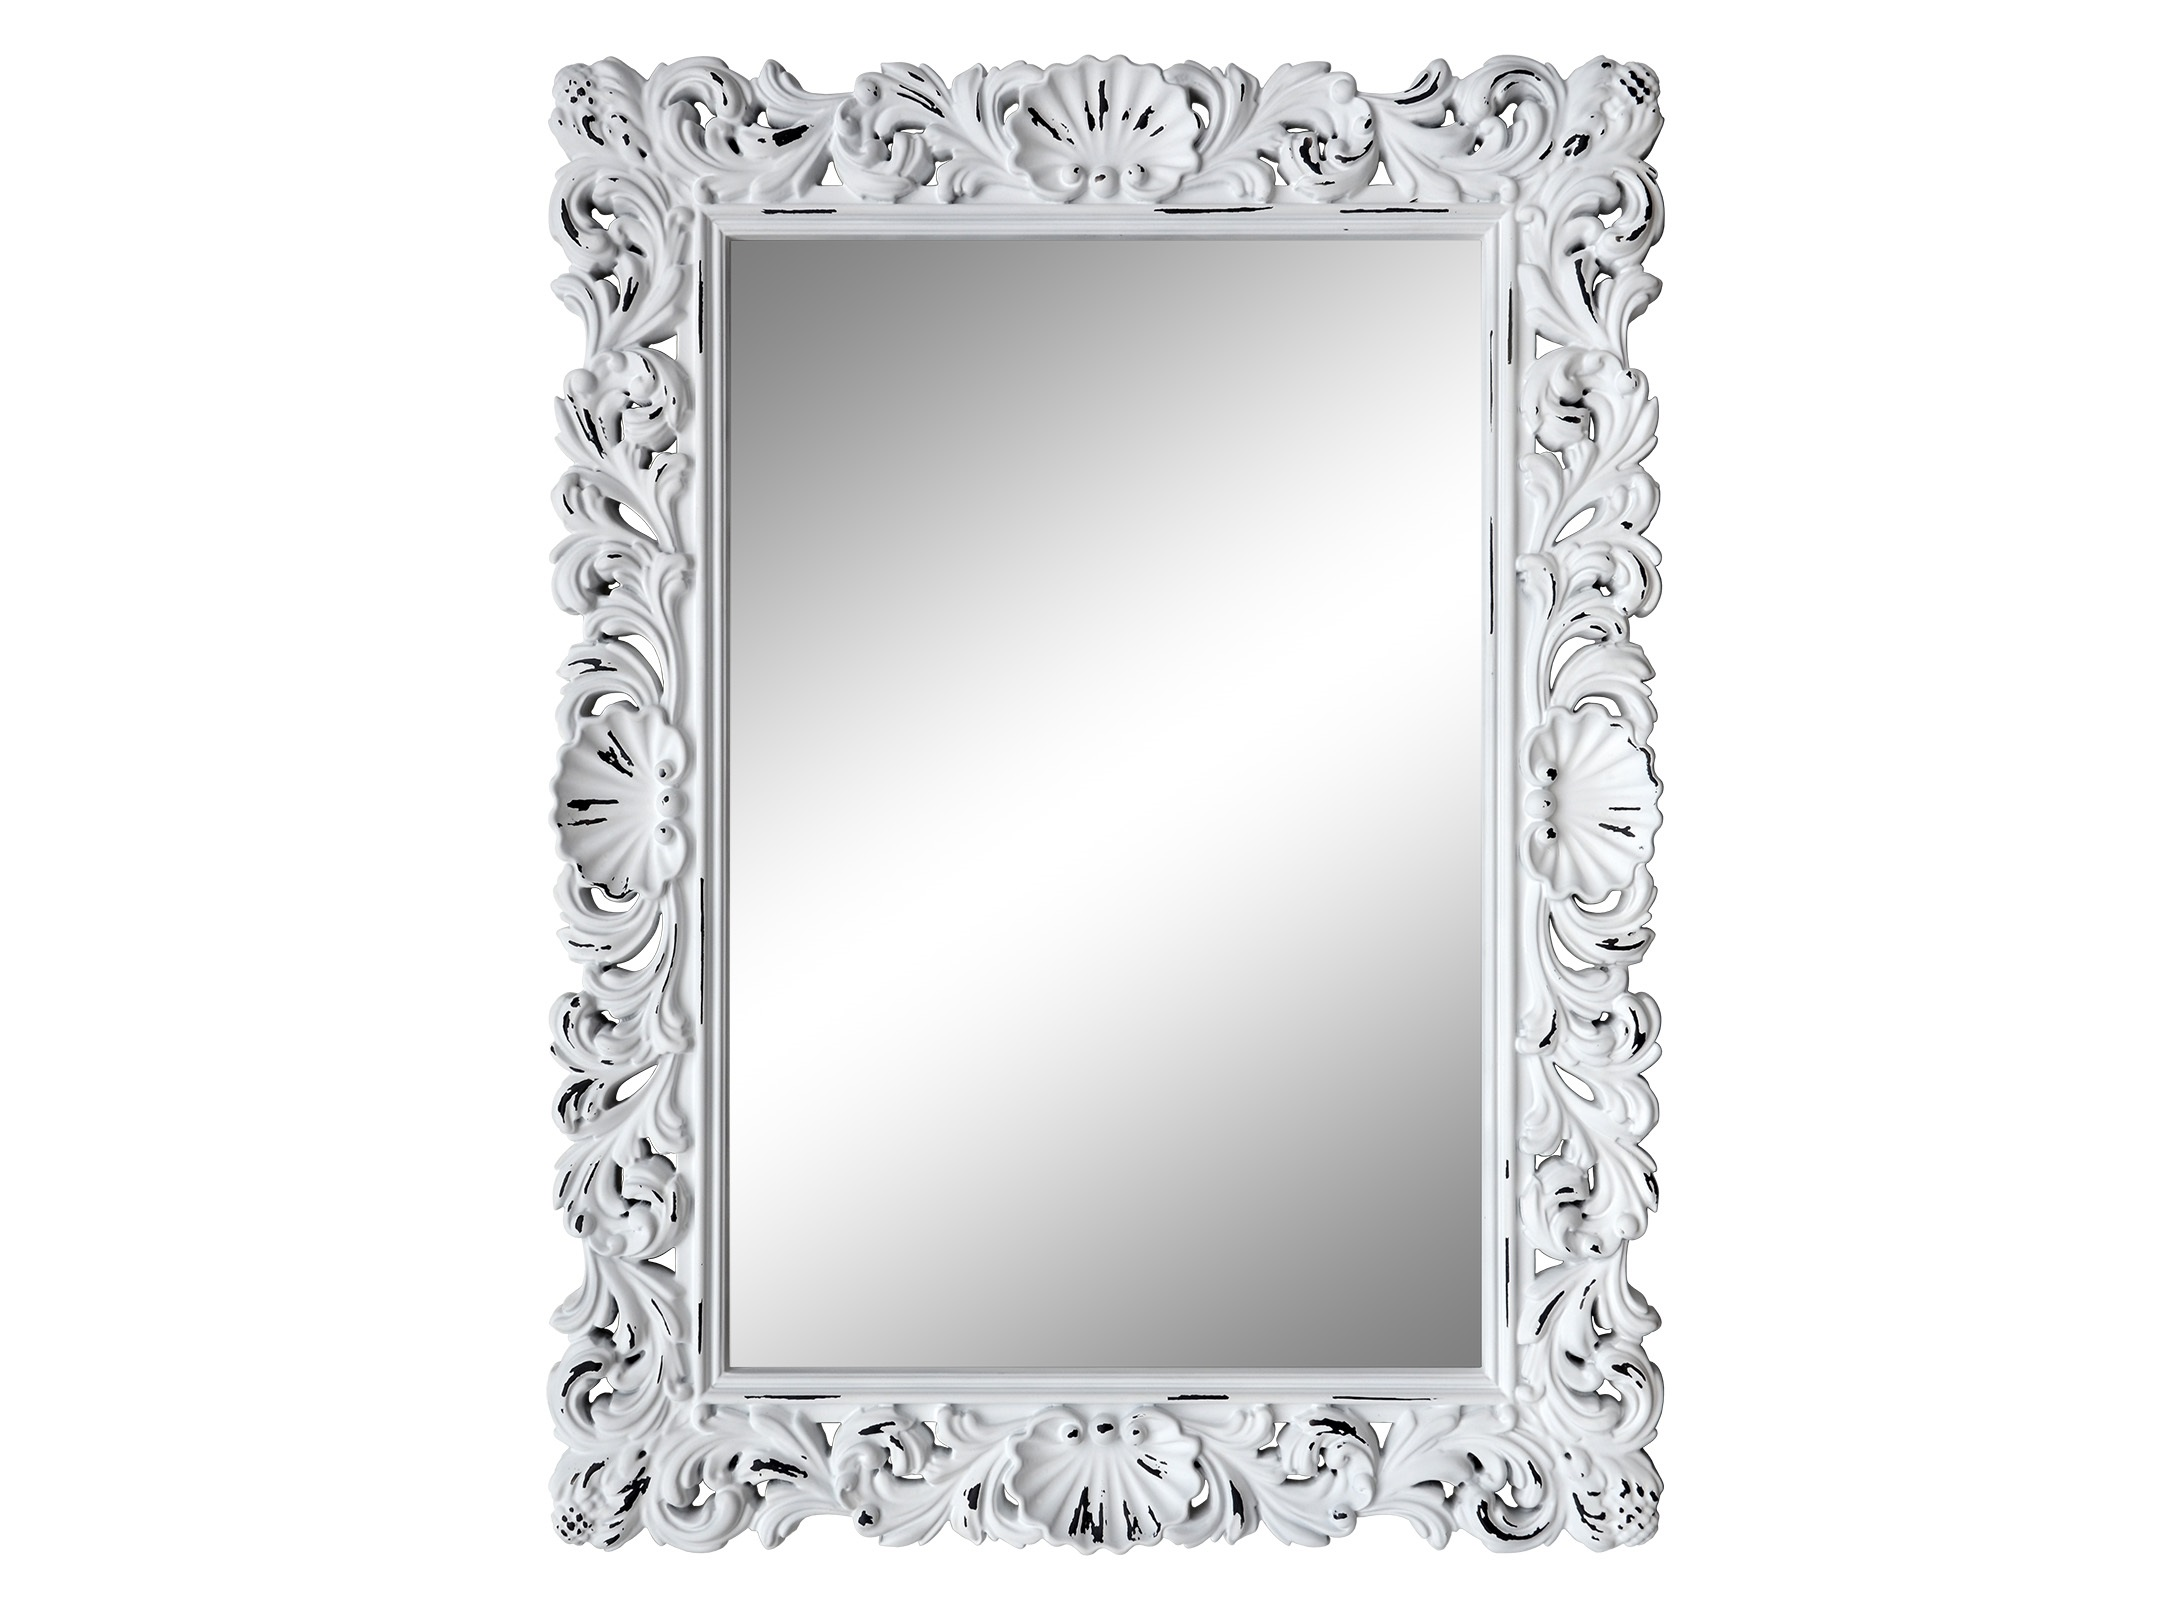 Зеркало РОКОКОНастенные зеркала<br>&amp;lt;div&amp;gt;Основные особенности ППУ: Безопасен для здоровья, не содержит вещества вызывающие аллергию, долговечность, надежность, жесткость, влагостойкость. Все декоративные красители - грунты, эмали, воски обладают высокой стойкостью.&amp;amp;nbsp;&amp;lt;/div&amp;gt;&amp;lt;div&amp;gt;Основное преимущество использованных материалов - это отсутствие запахов и быстрое высыхание, а также экологичность.&amp;amp;nbsp;&amp;lt;/div&amp;gt;&amp;lt;div&amp;gt;&amp;lt;br&amp;gt;&amp;lt;/div&amp;gt;&amp;lt;div&amp;gt;Рекомендации по уходу: бережная, влажная уборка.&amp;amp;nbsp;&amp;lt;/div&amp;gt;&amp;lt;div&amp;gt;Запрещается использование любых растворителей.&amp;lt;/div&amp;gt;<br><br>Material: Полиуретан<br>Ширина см: 117<br>Высота см: 87<br>Глубина см: 4